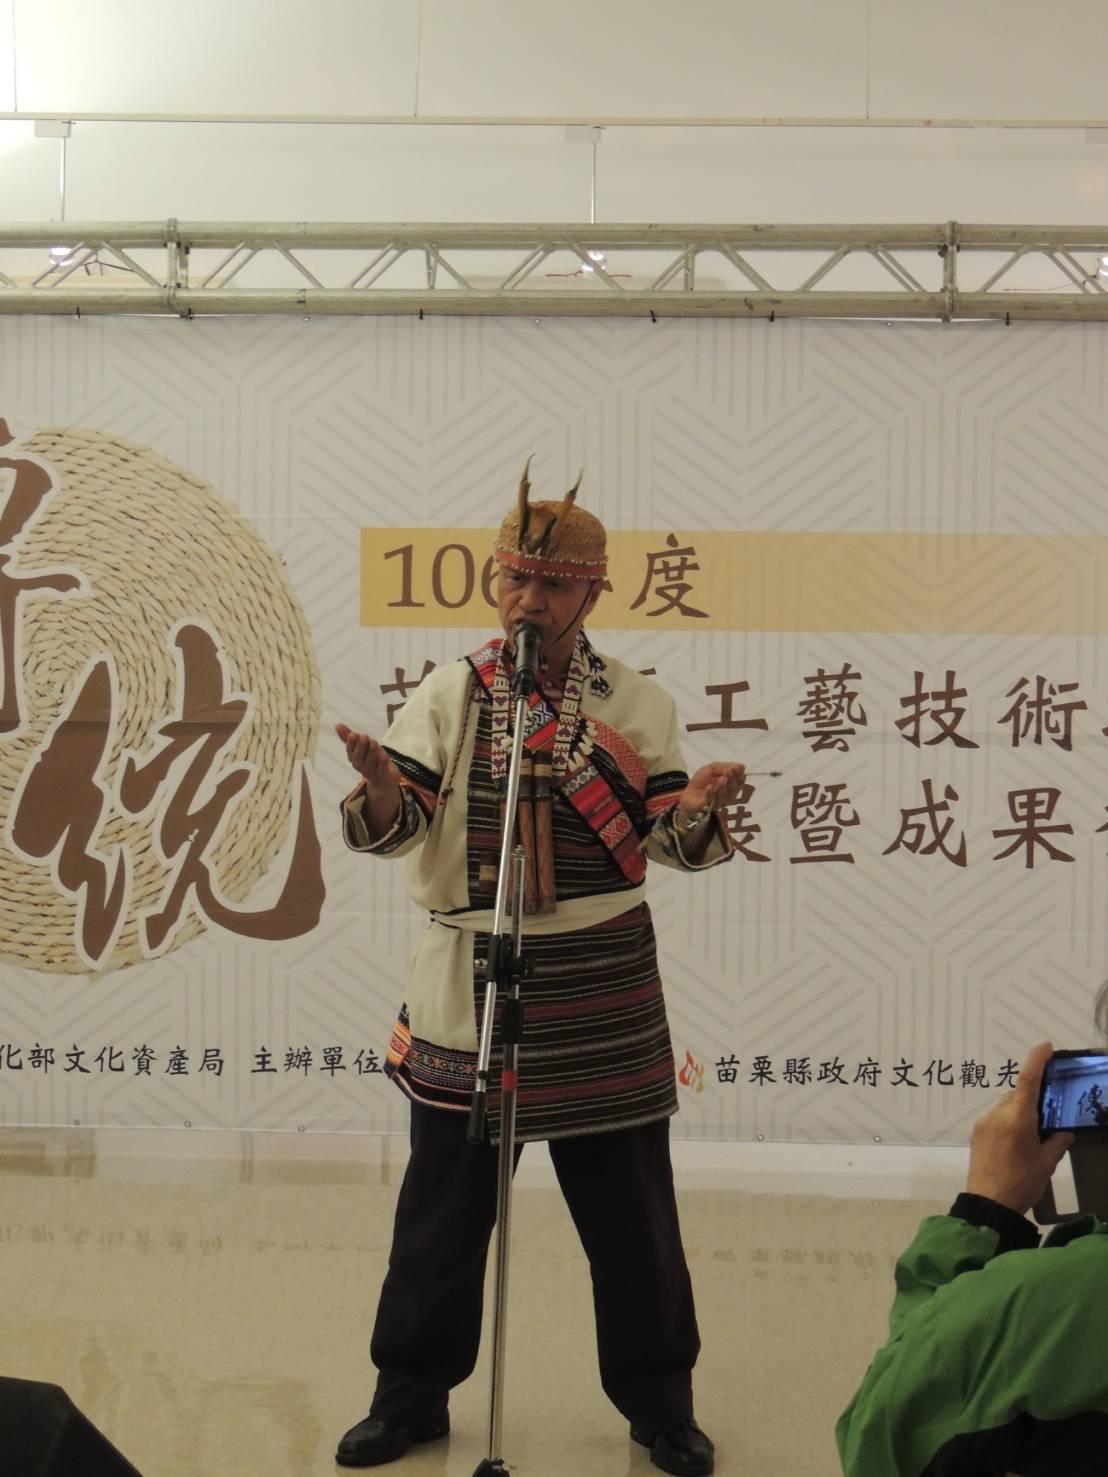 苗栗縣登錄無形文化資產指定技術保存者口簧琴梁玉水教學不輟,傳承口簧琴製作與演奏。...